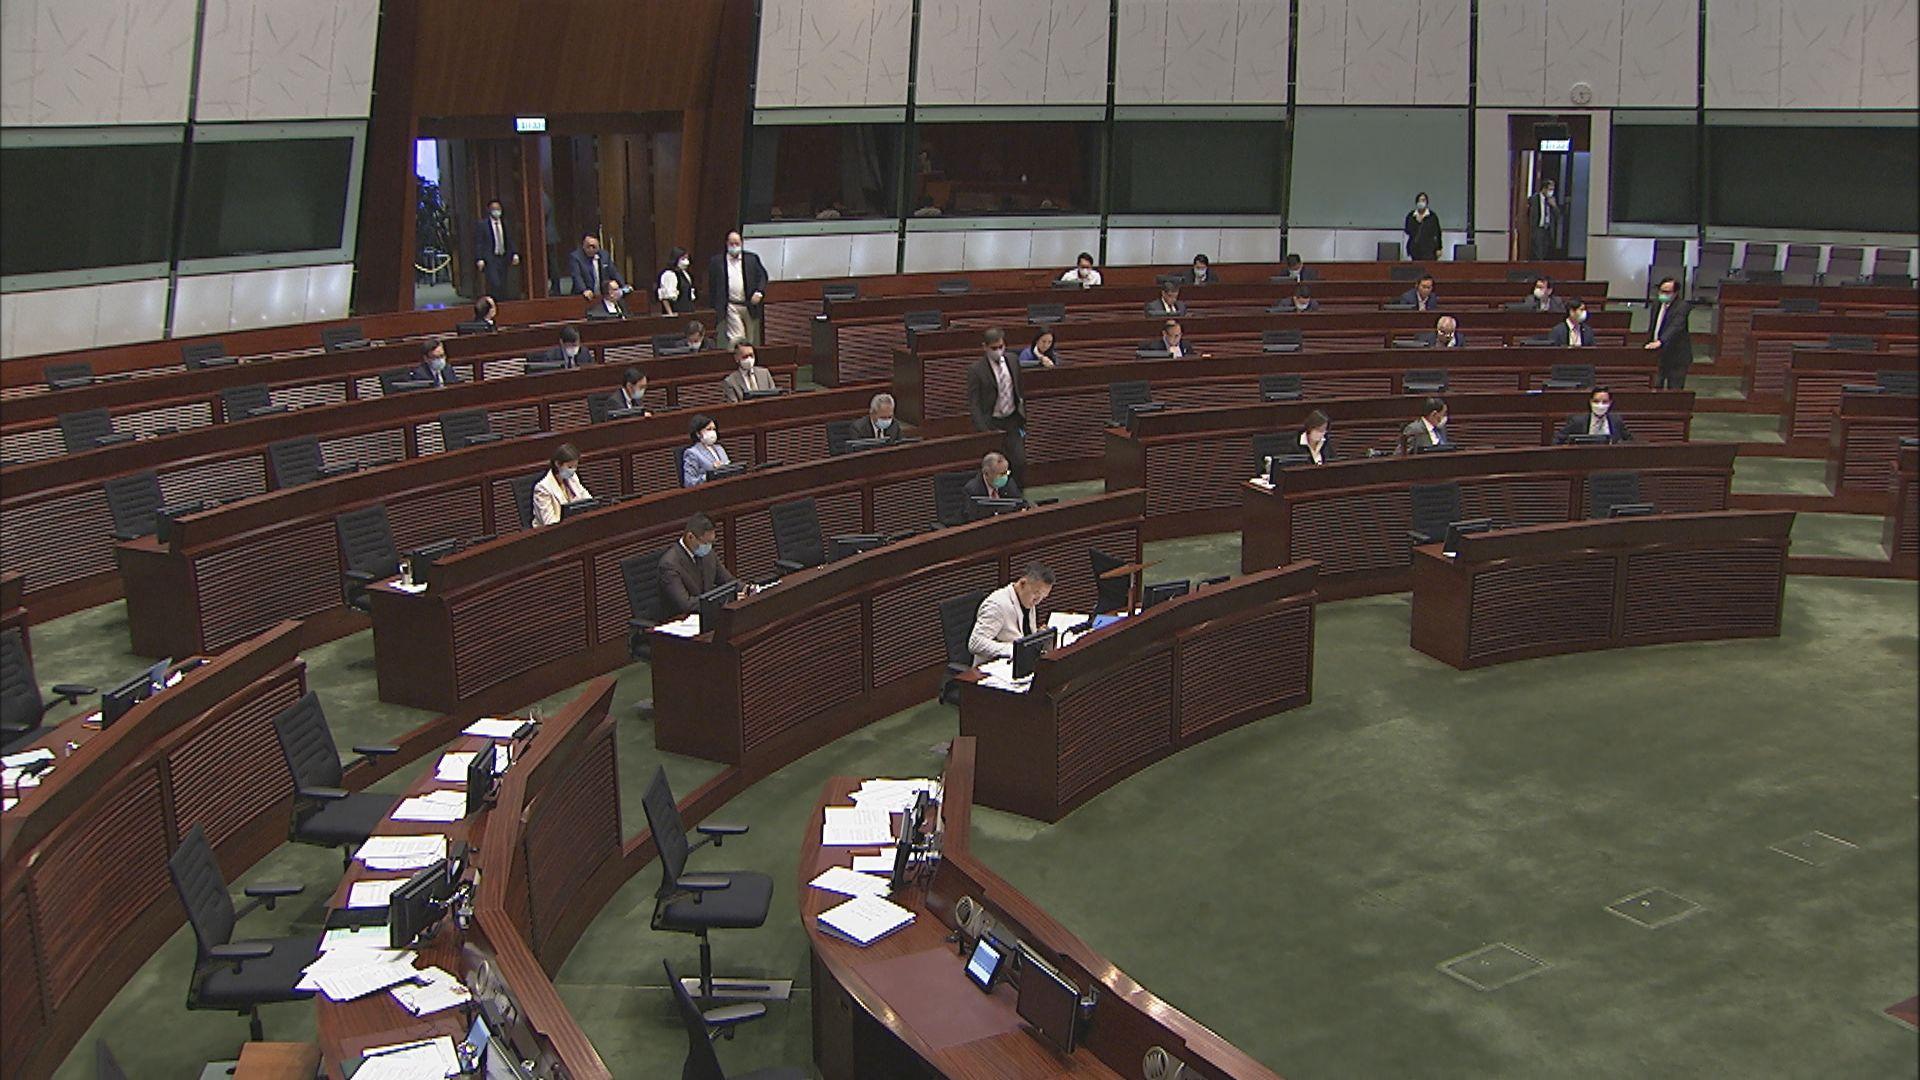 立法會花三分一時間點人數 梁君彥籲議員留會議廳